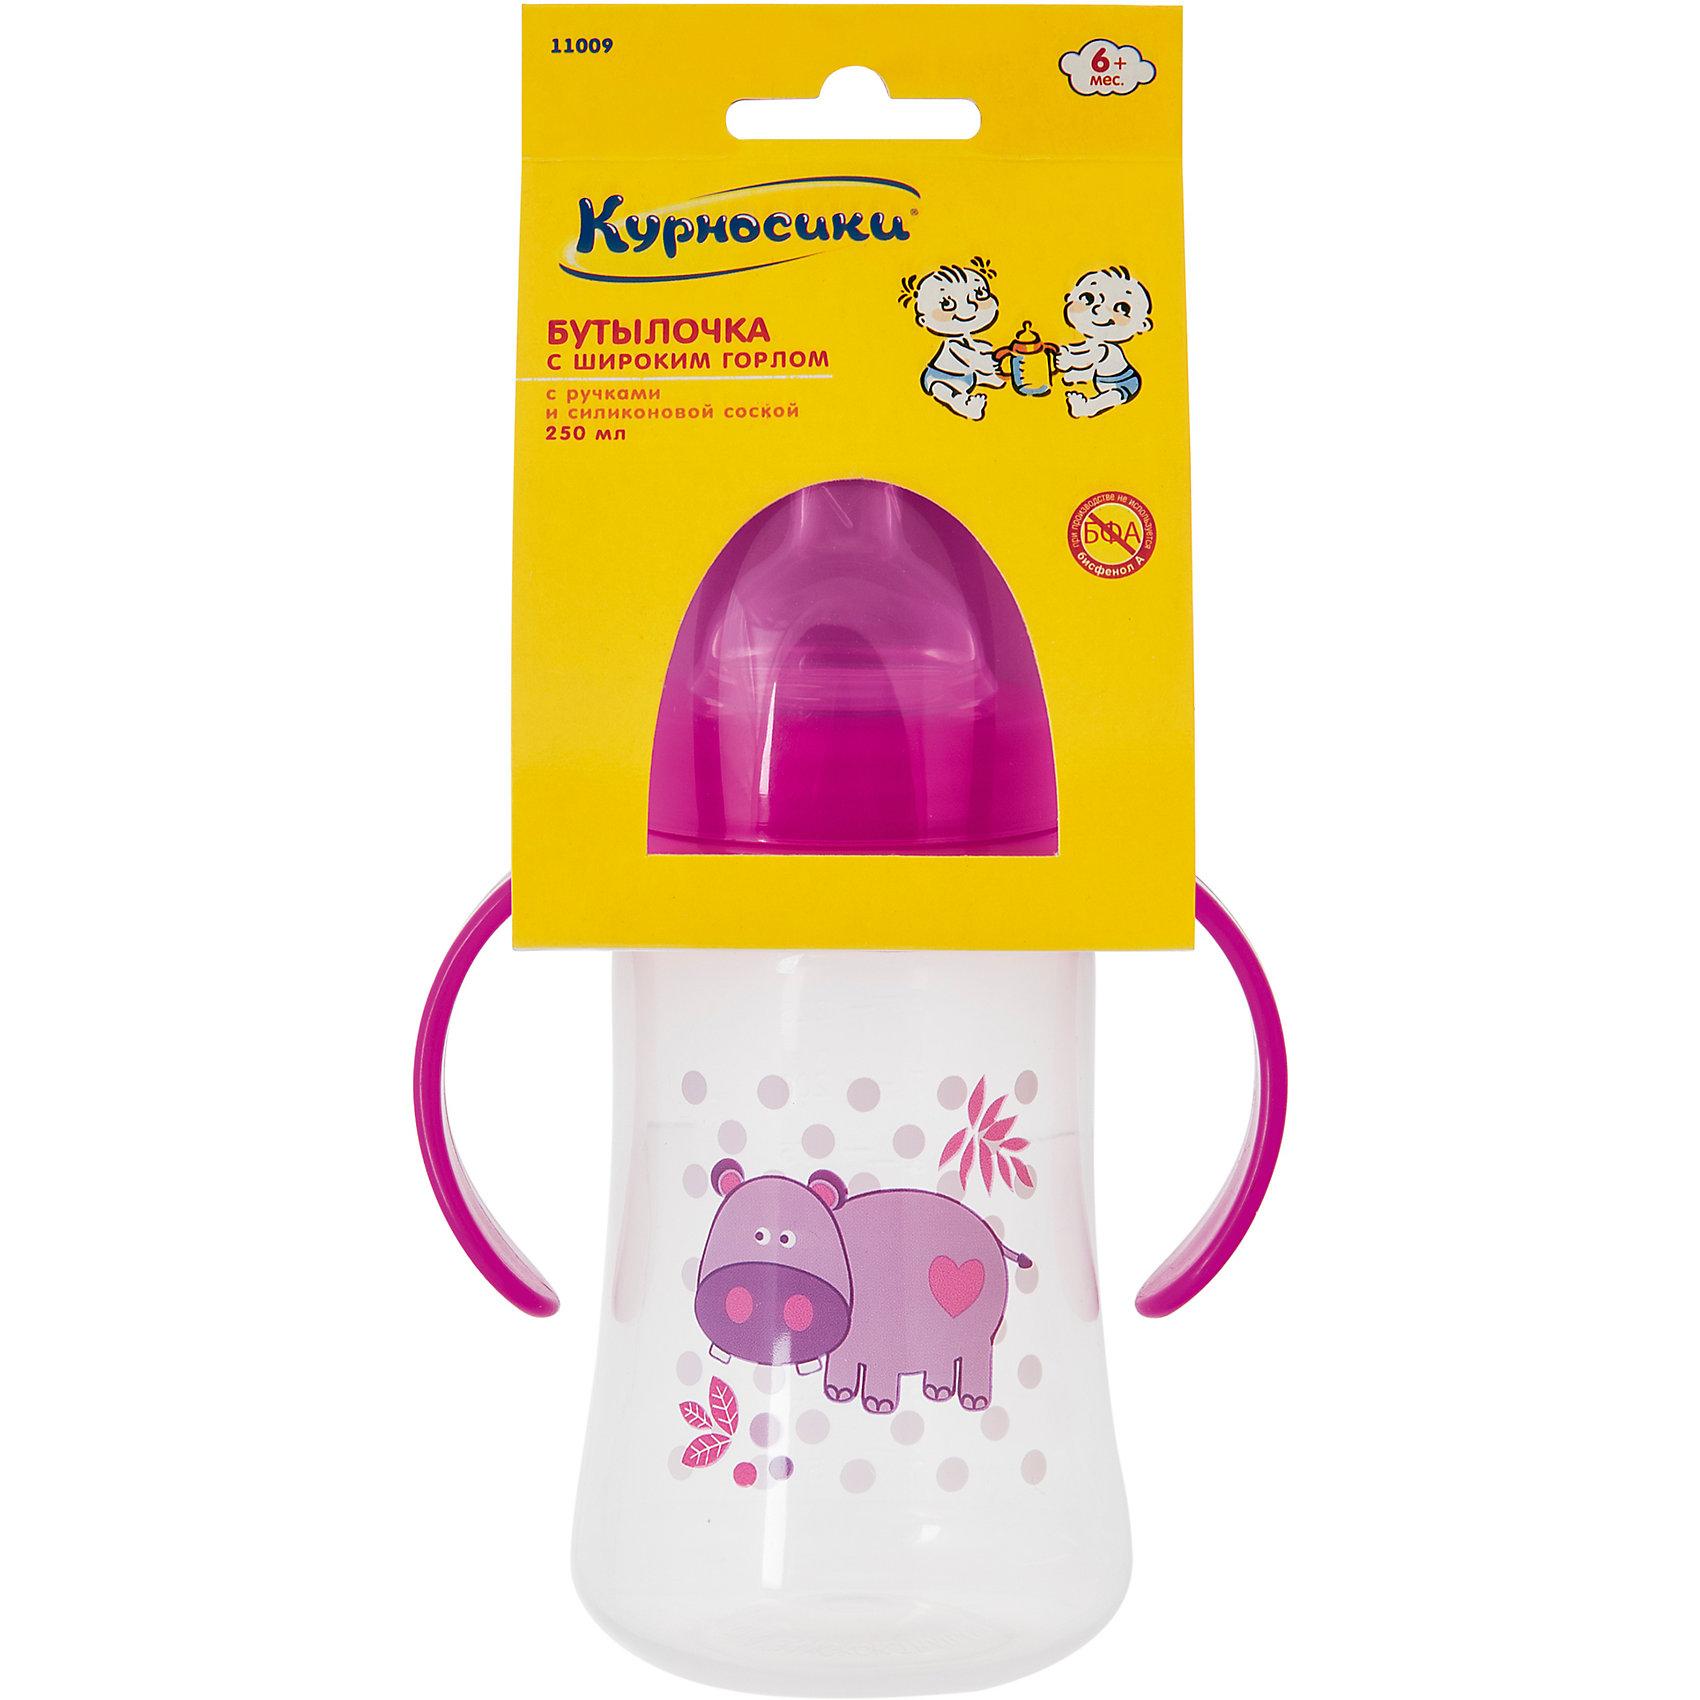 Курносики Бутылочка для кормления с ручками и силиконовой соской Бегемот, 250 мл, Kurnosiki, розовый